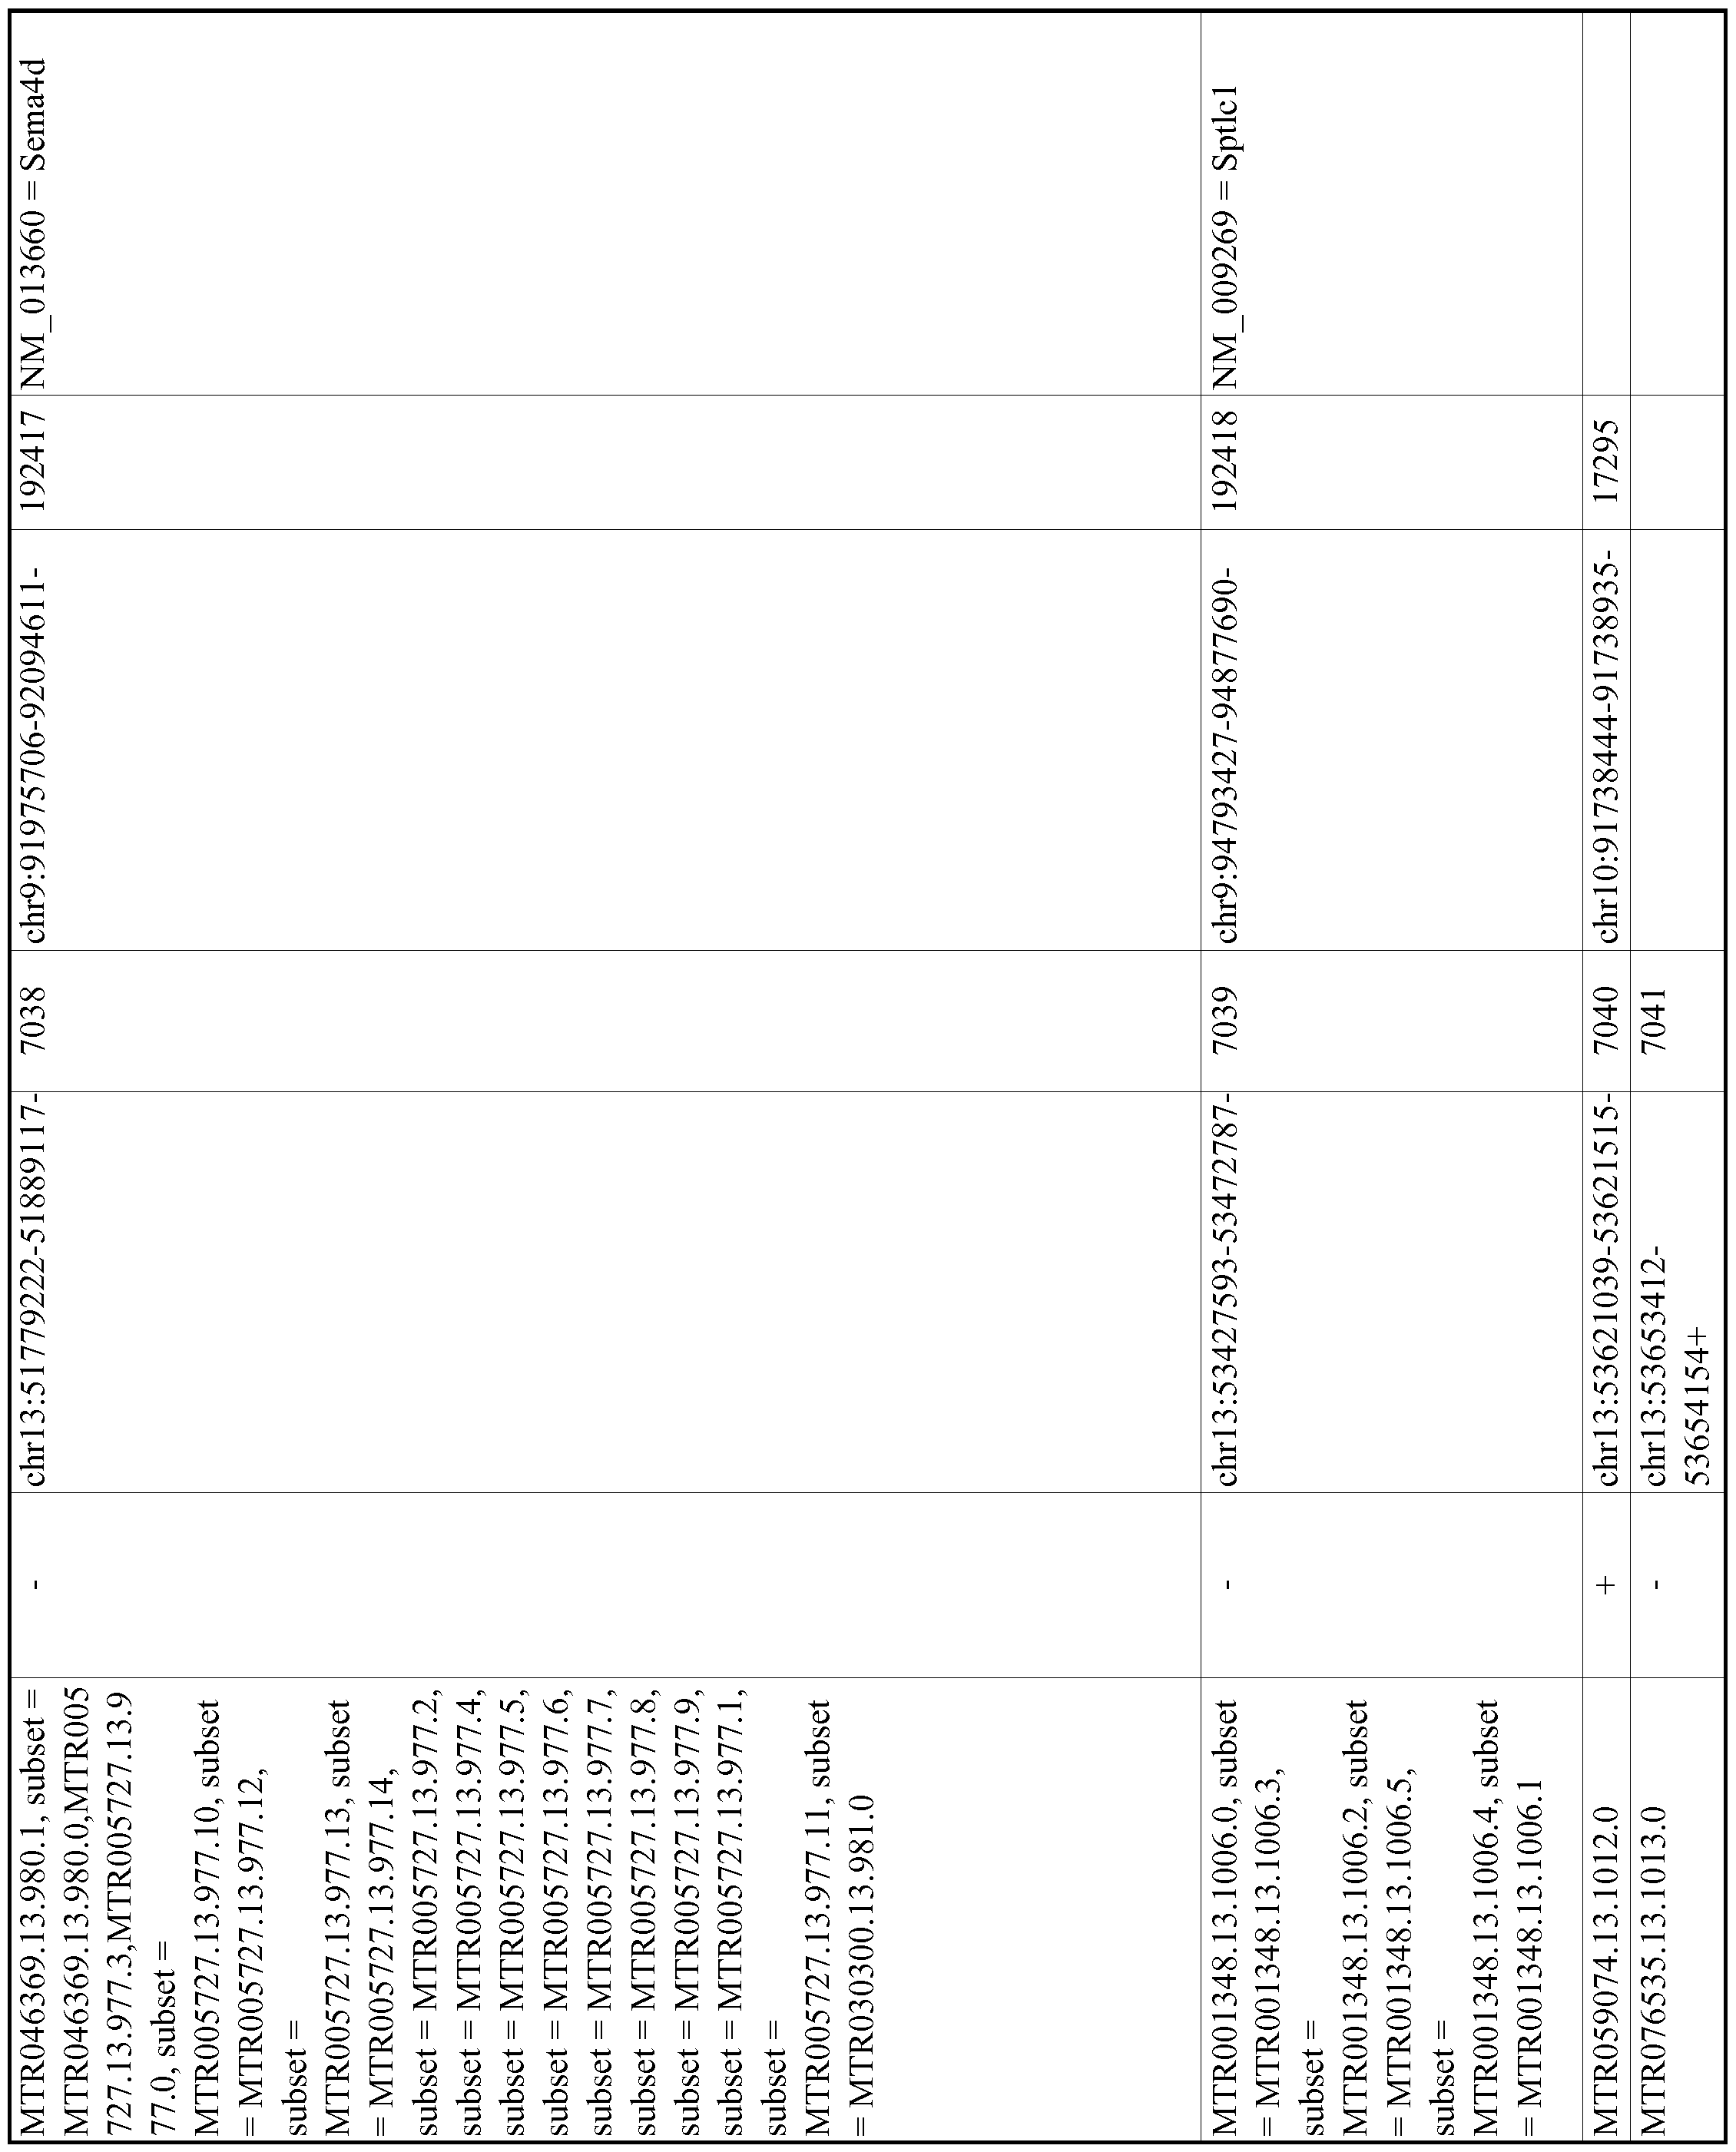 Figure imgf001237_0001